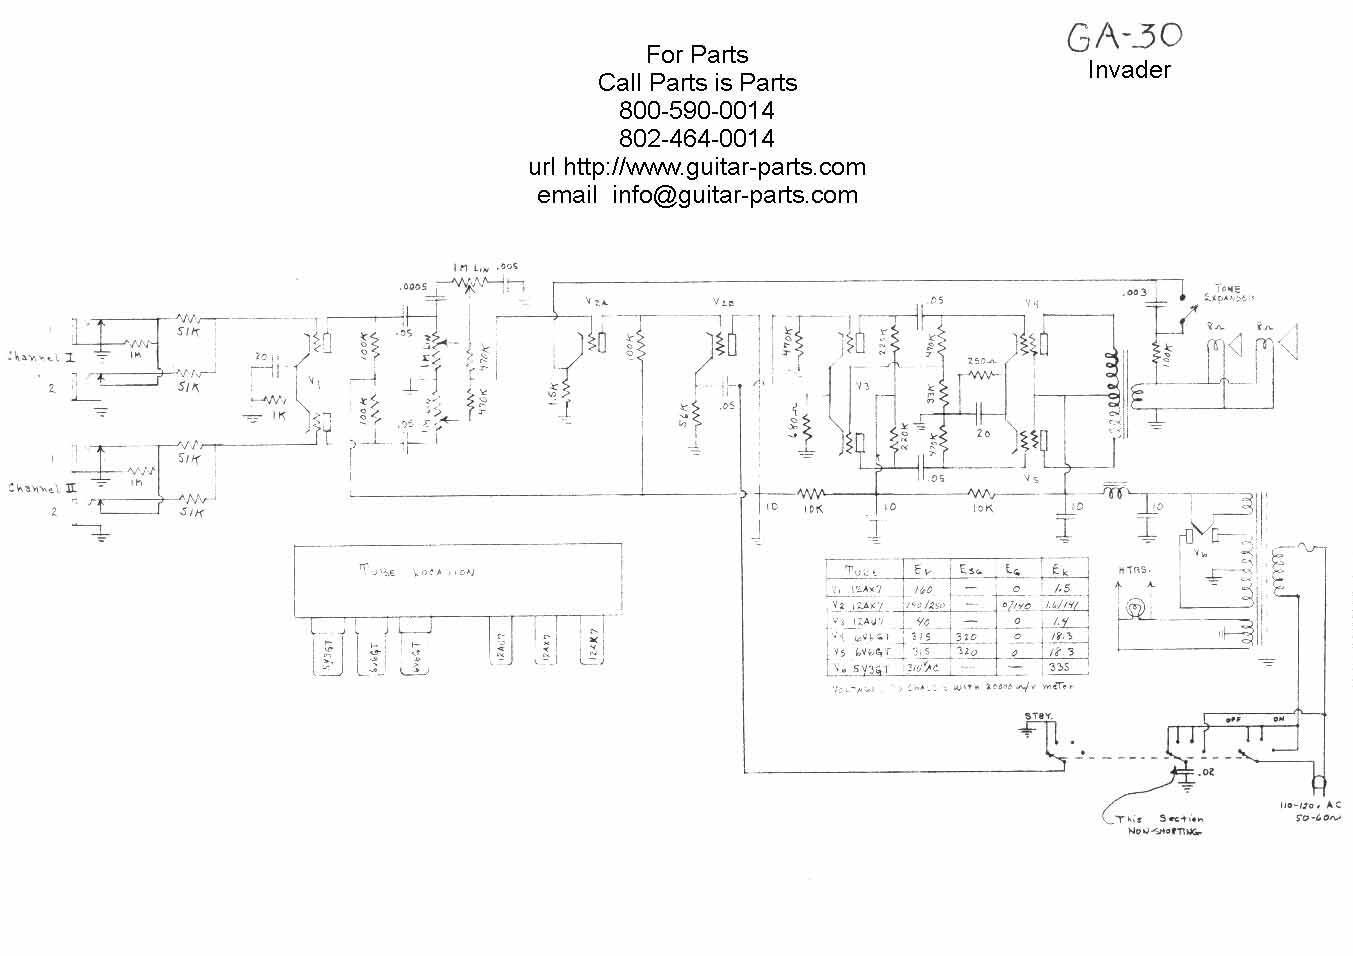 ga30invader.jpg